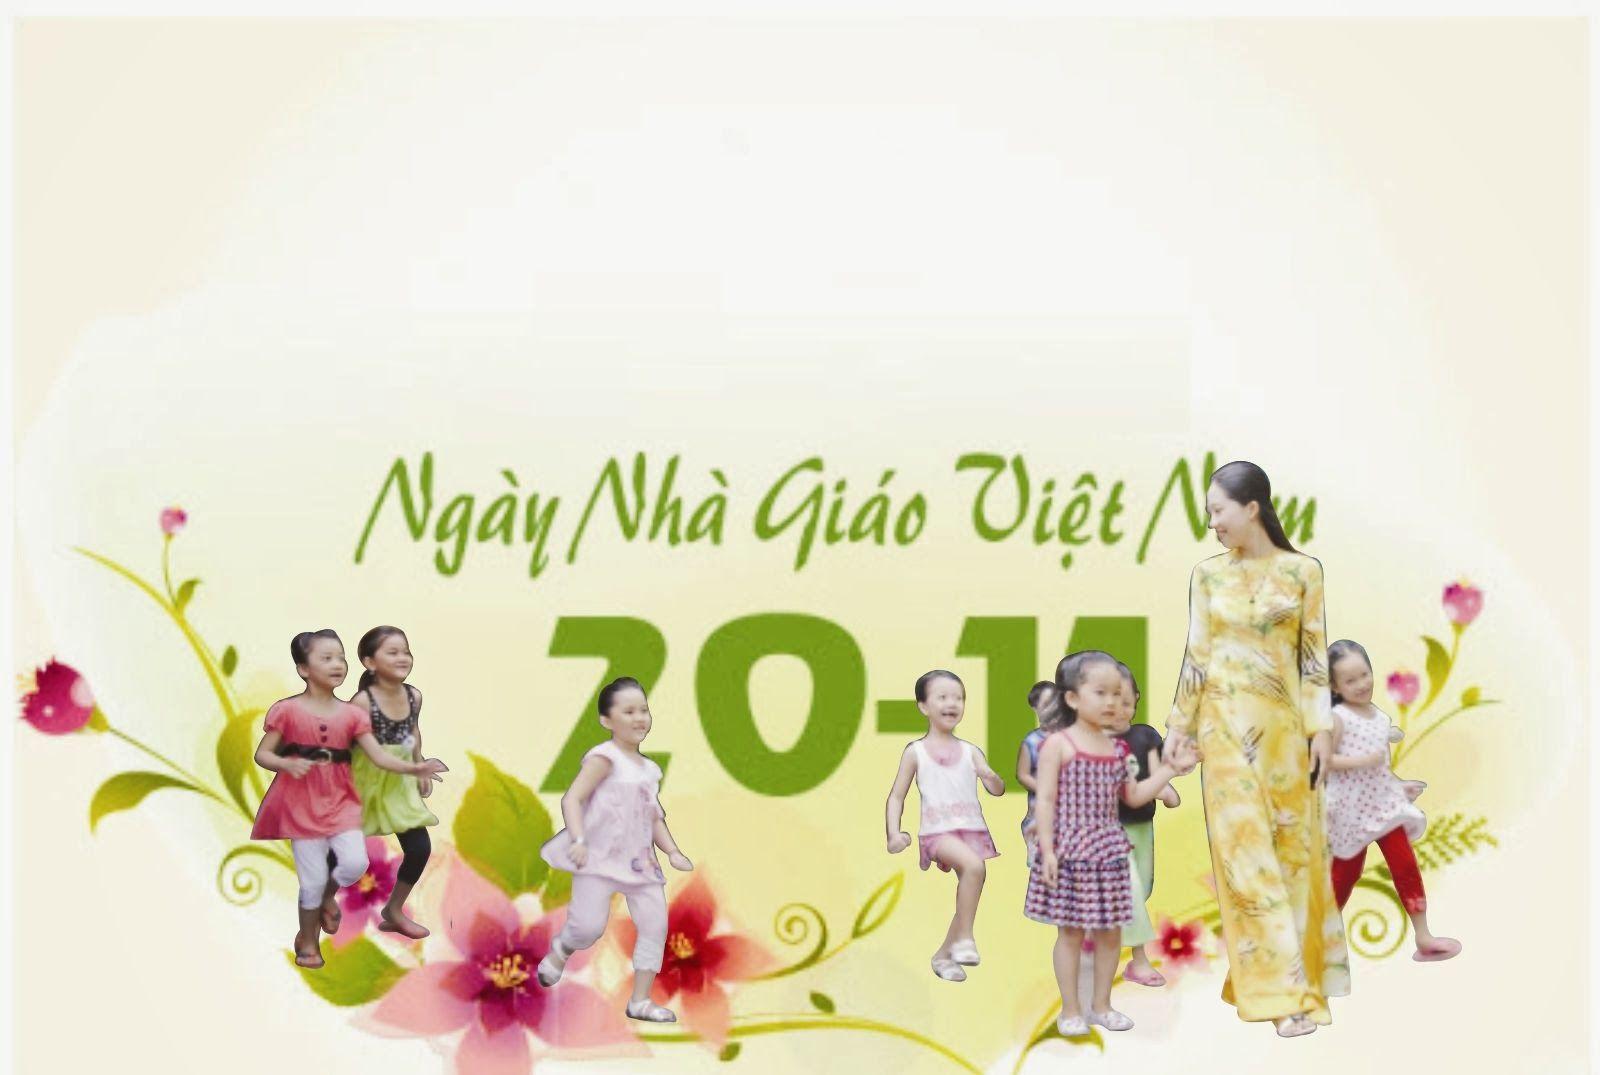 Ngày nhà giáo Việt Nam 20/11 bắt nguồn từ đâu?